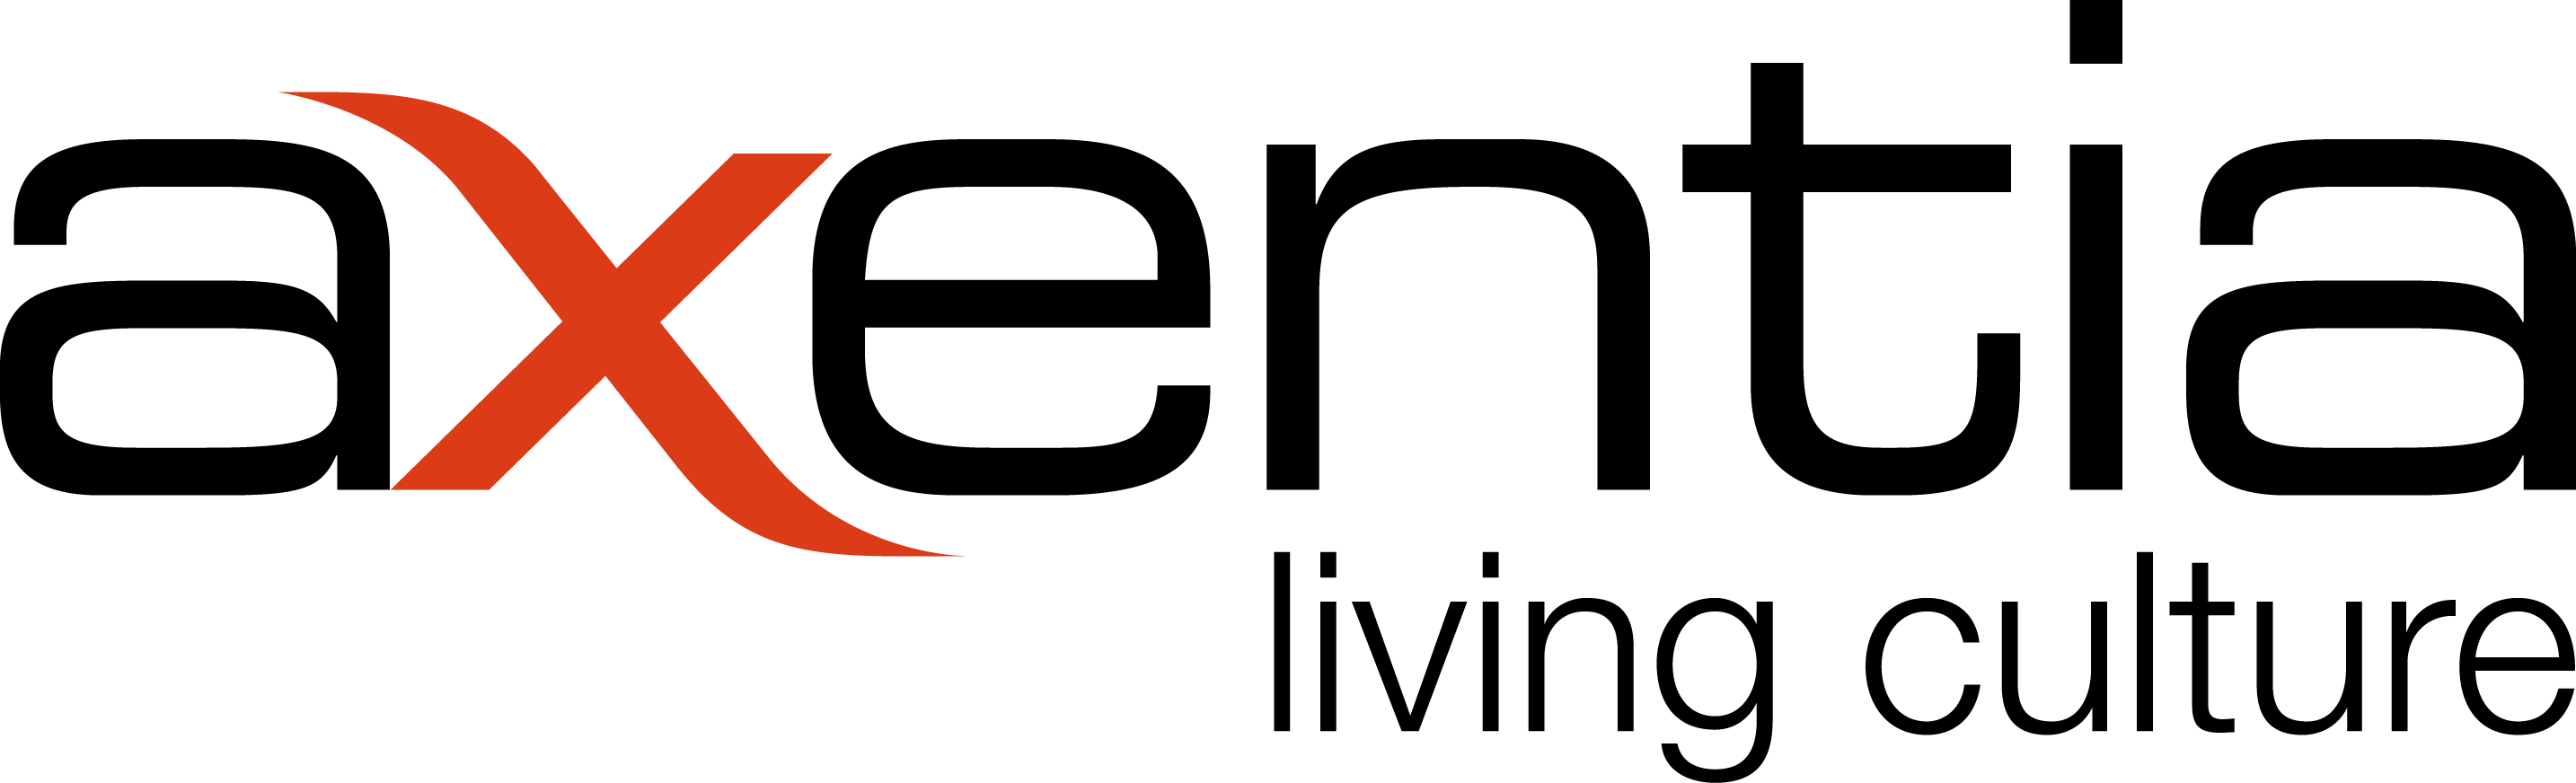 логотип торговой марки AXENTIA